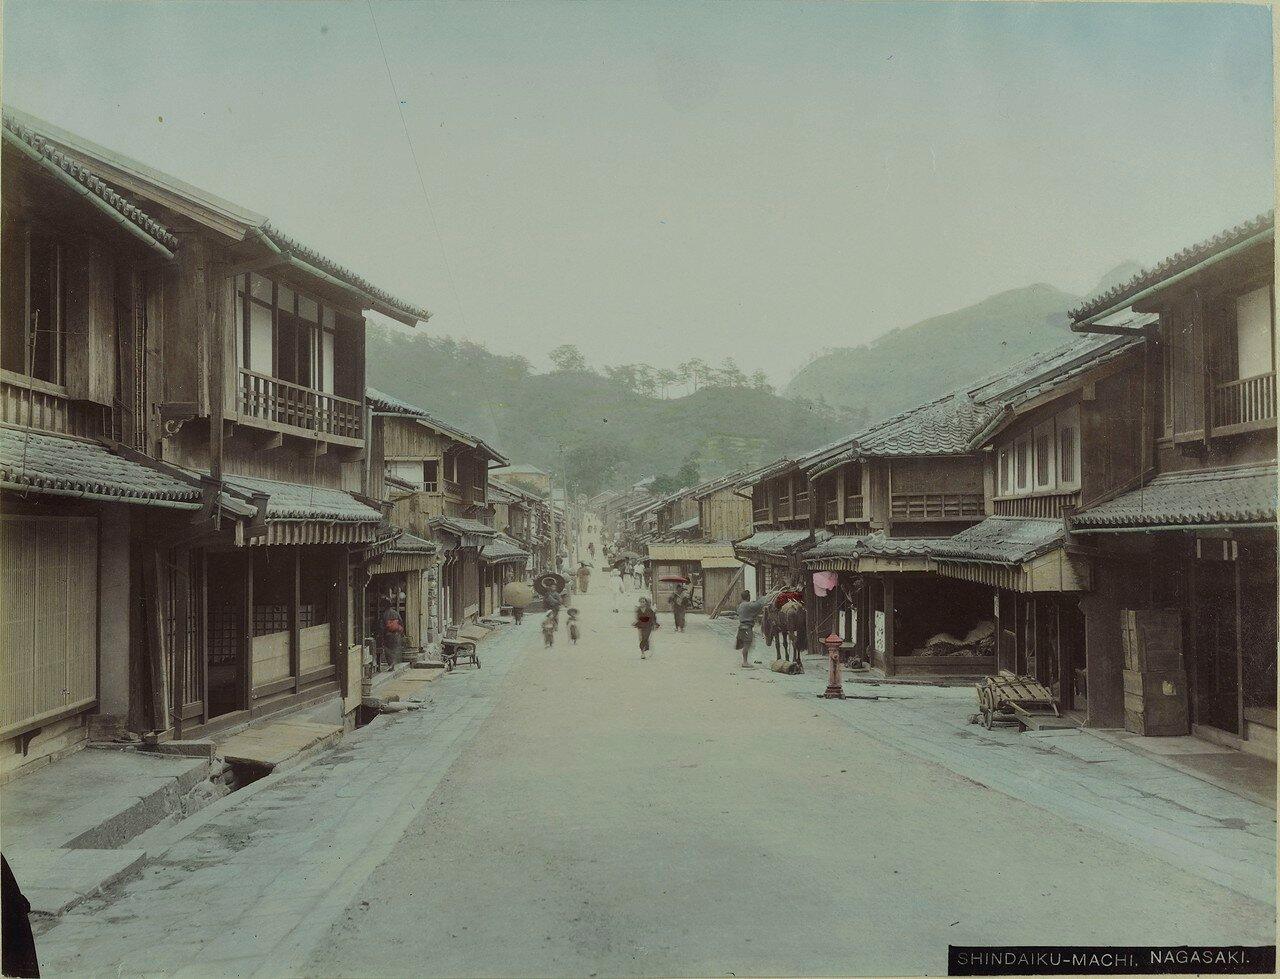 Нагасаки. Шиндайку-мачи